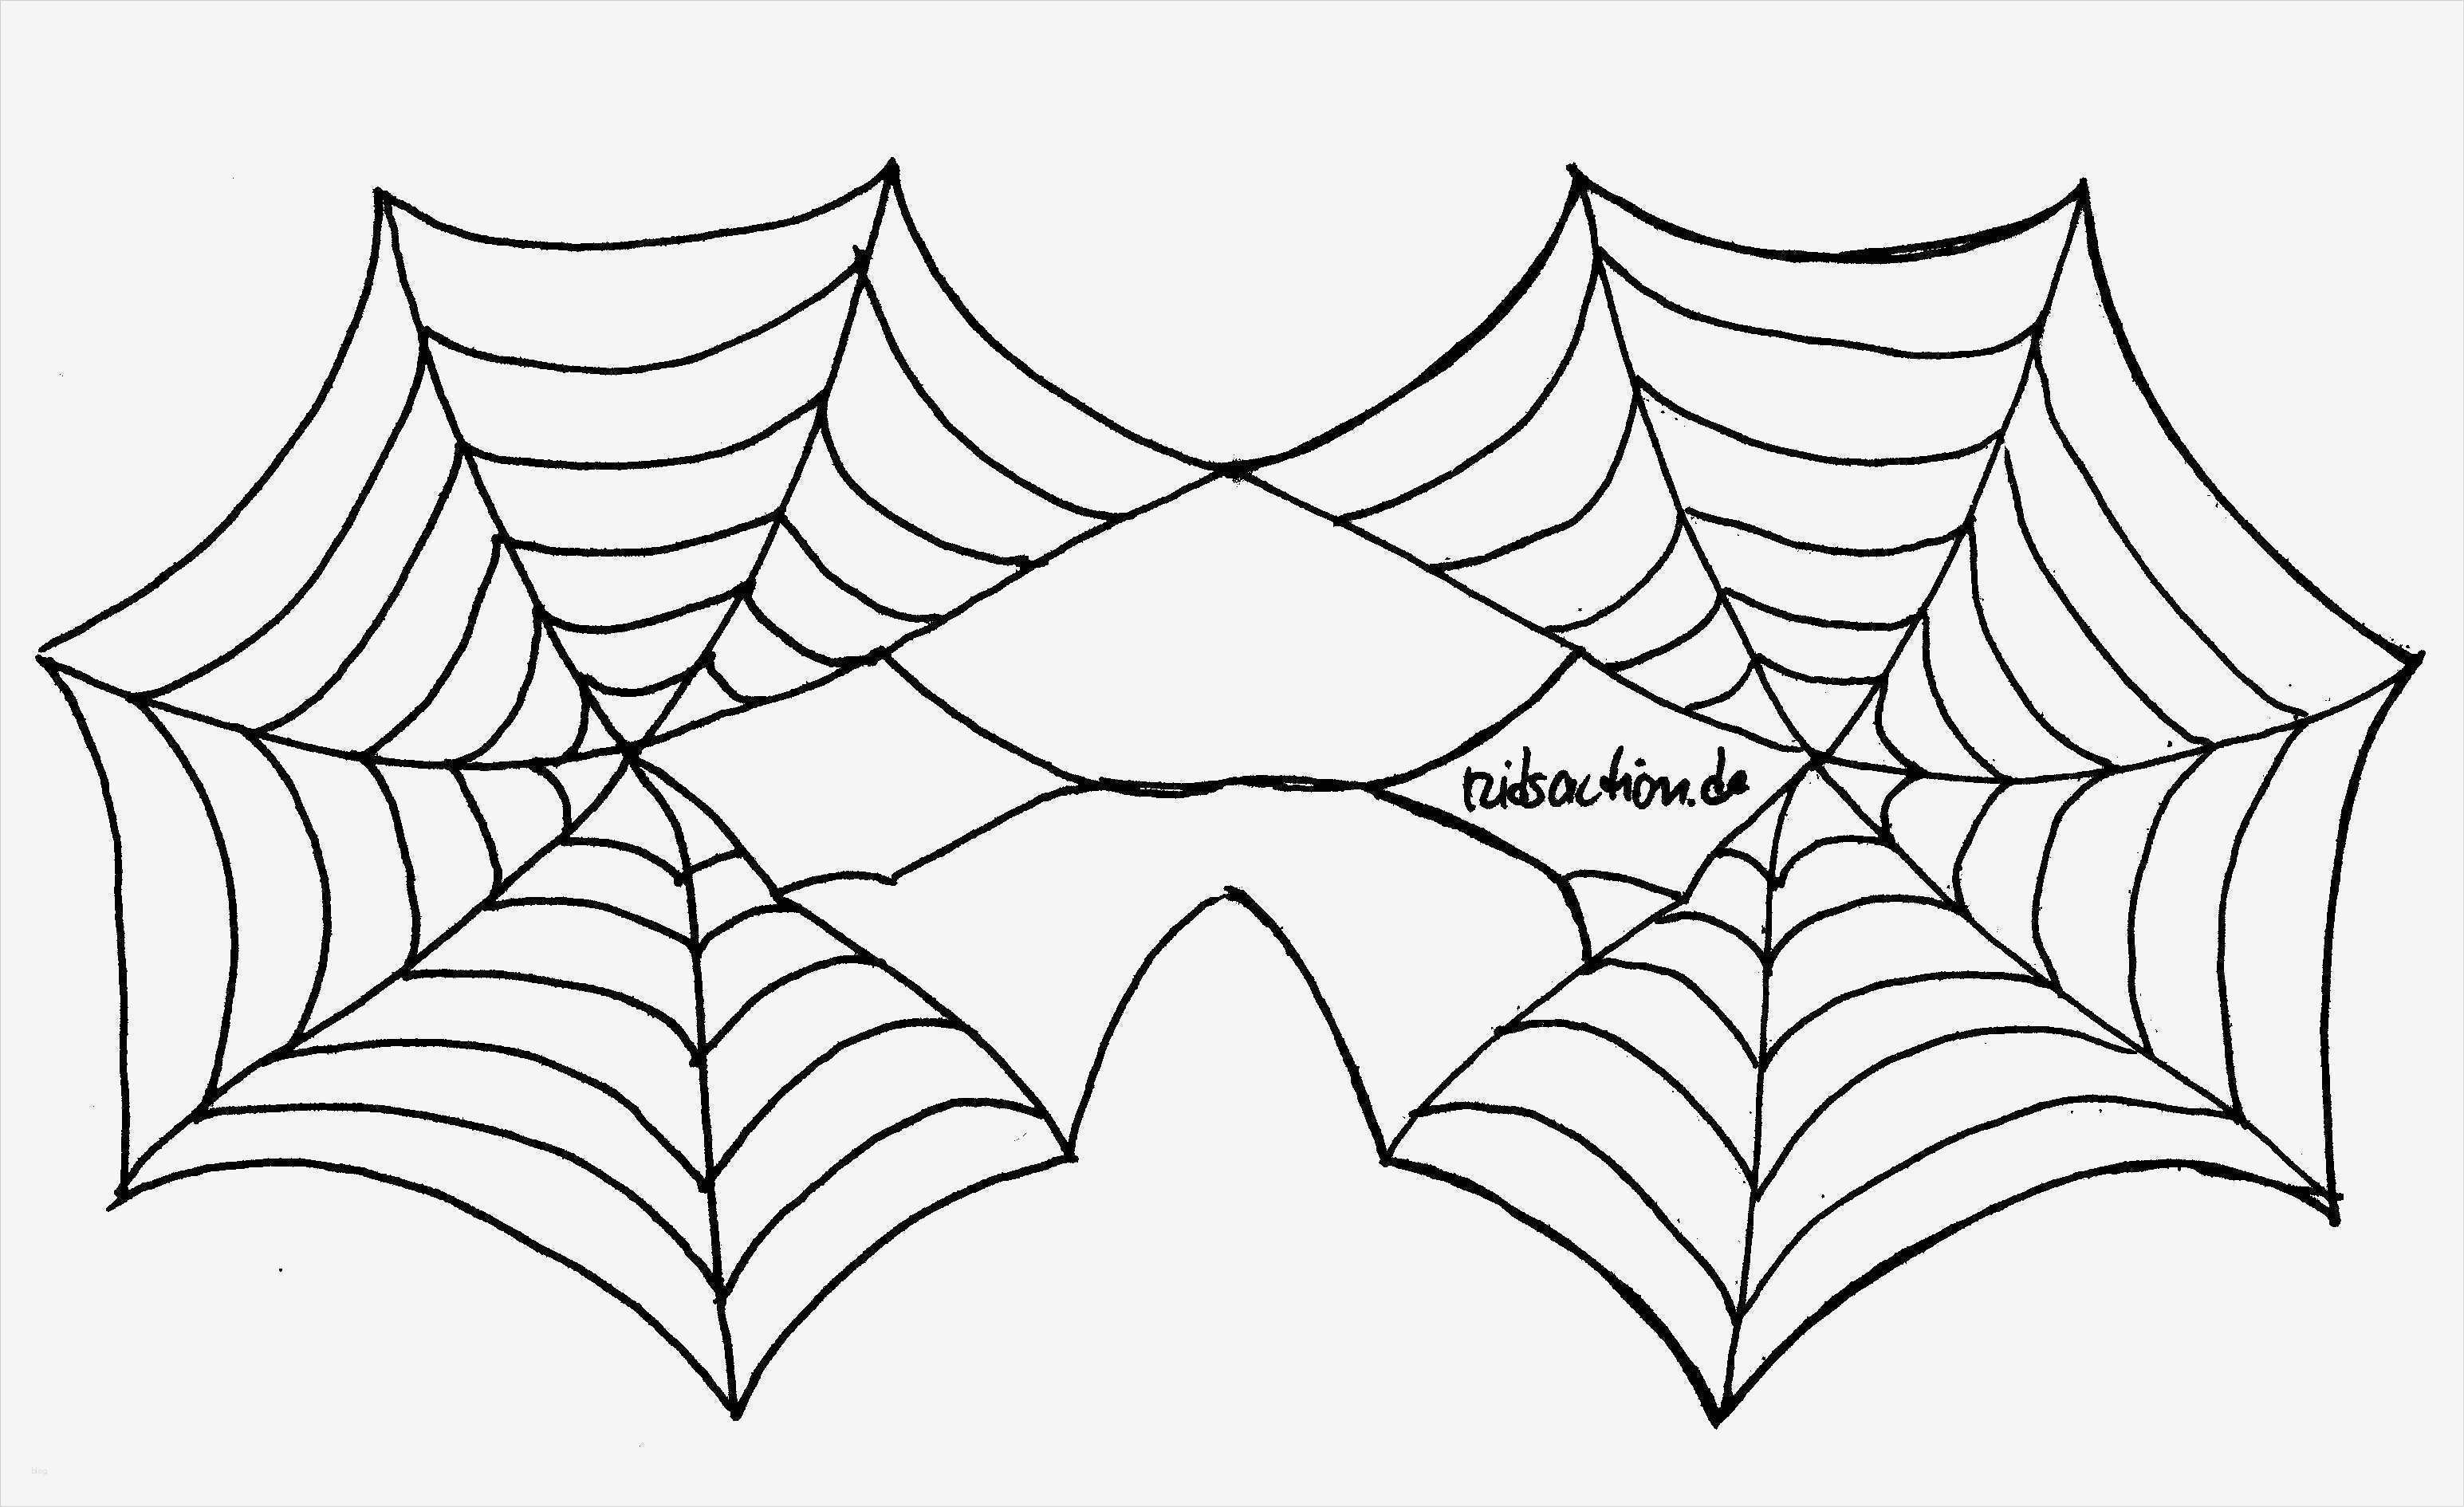 maskenvorlagen kostenlos  spiderman maske basteln vorlage